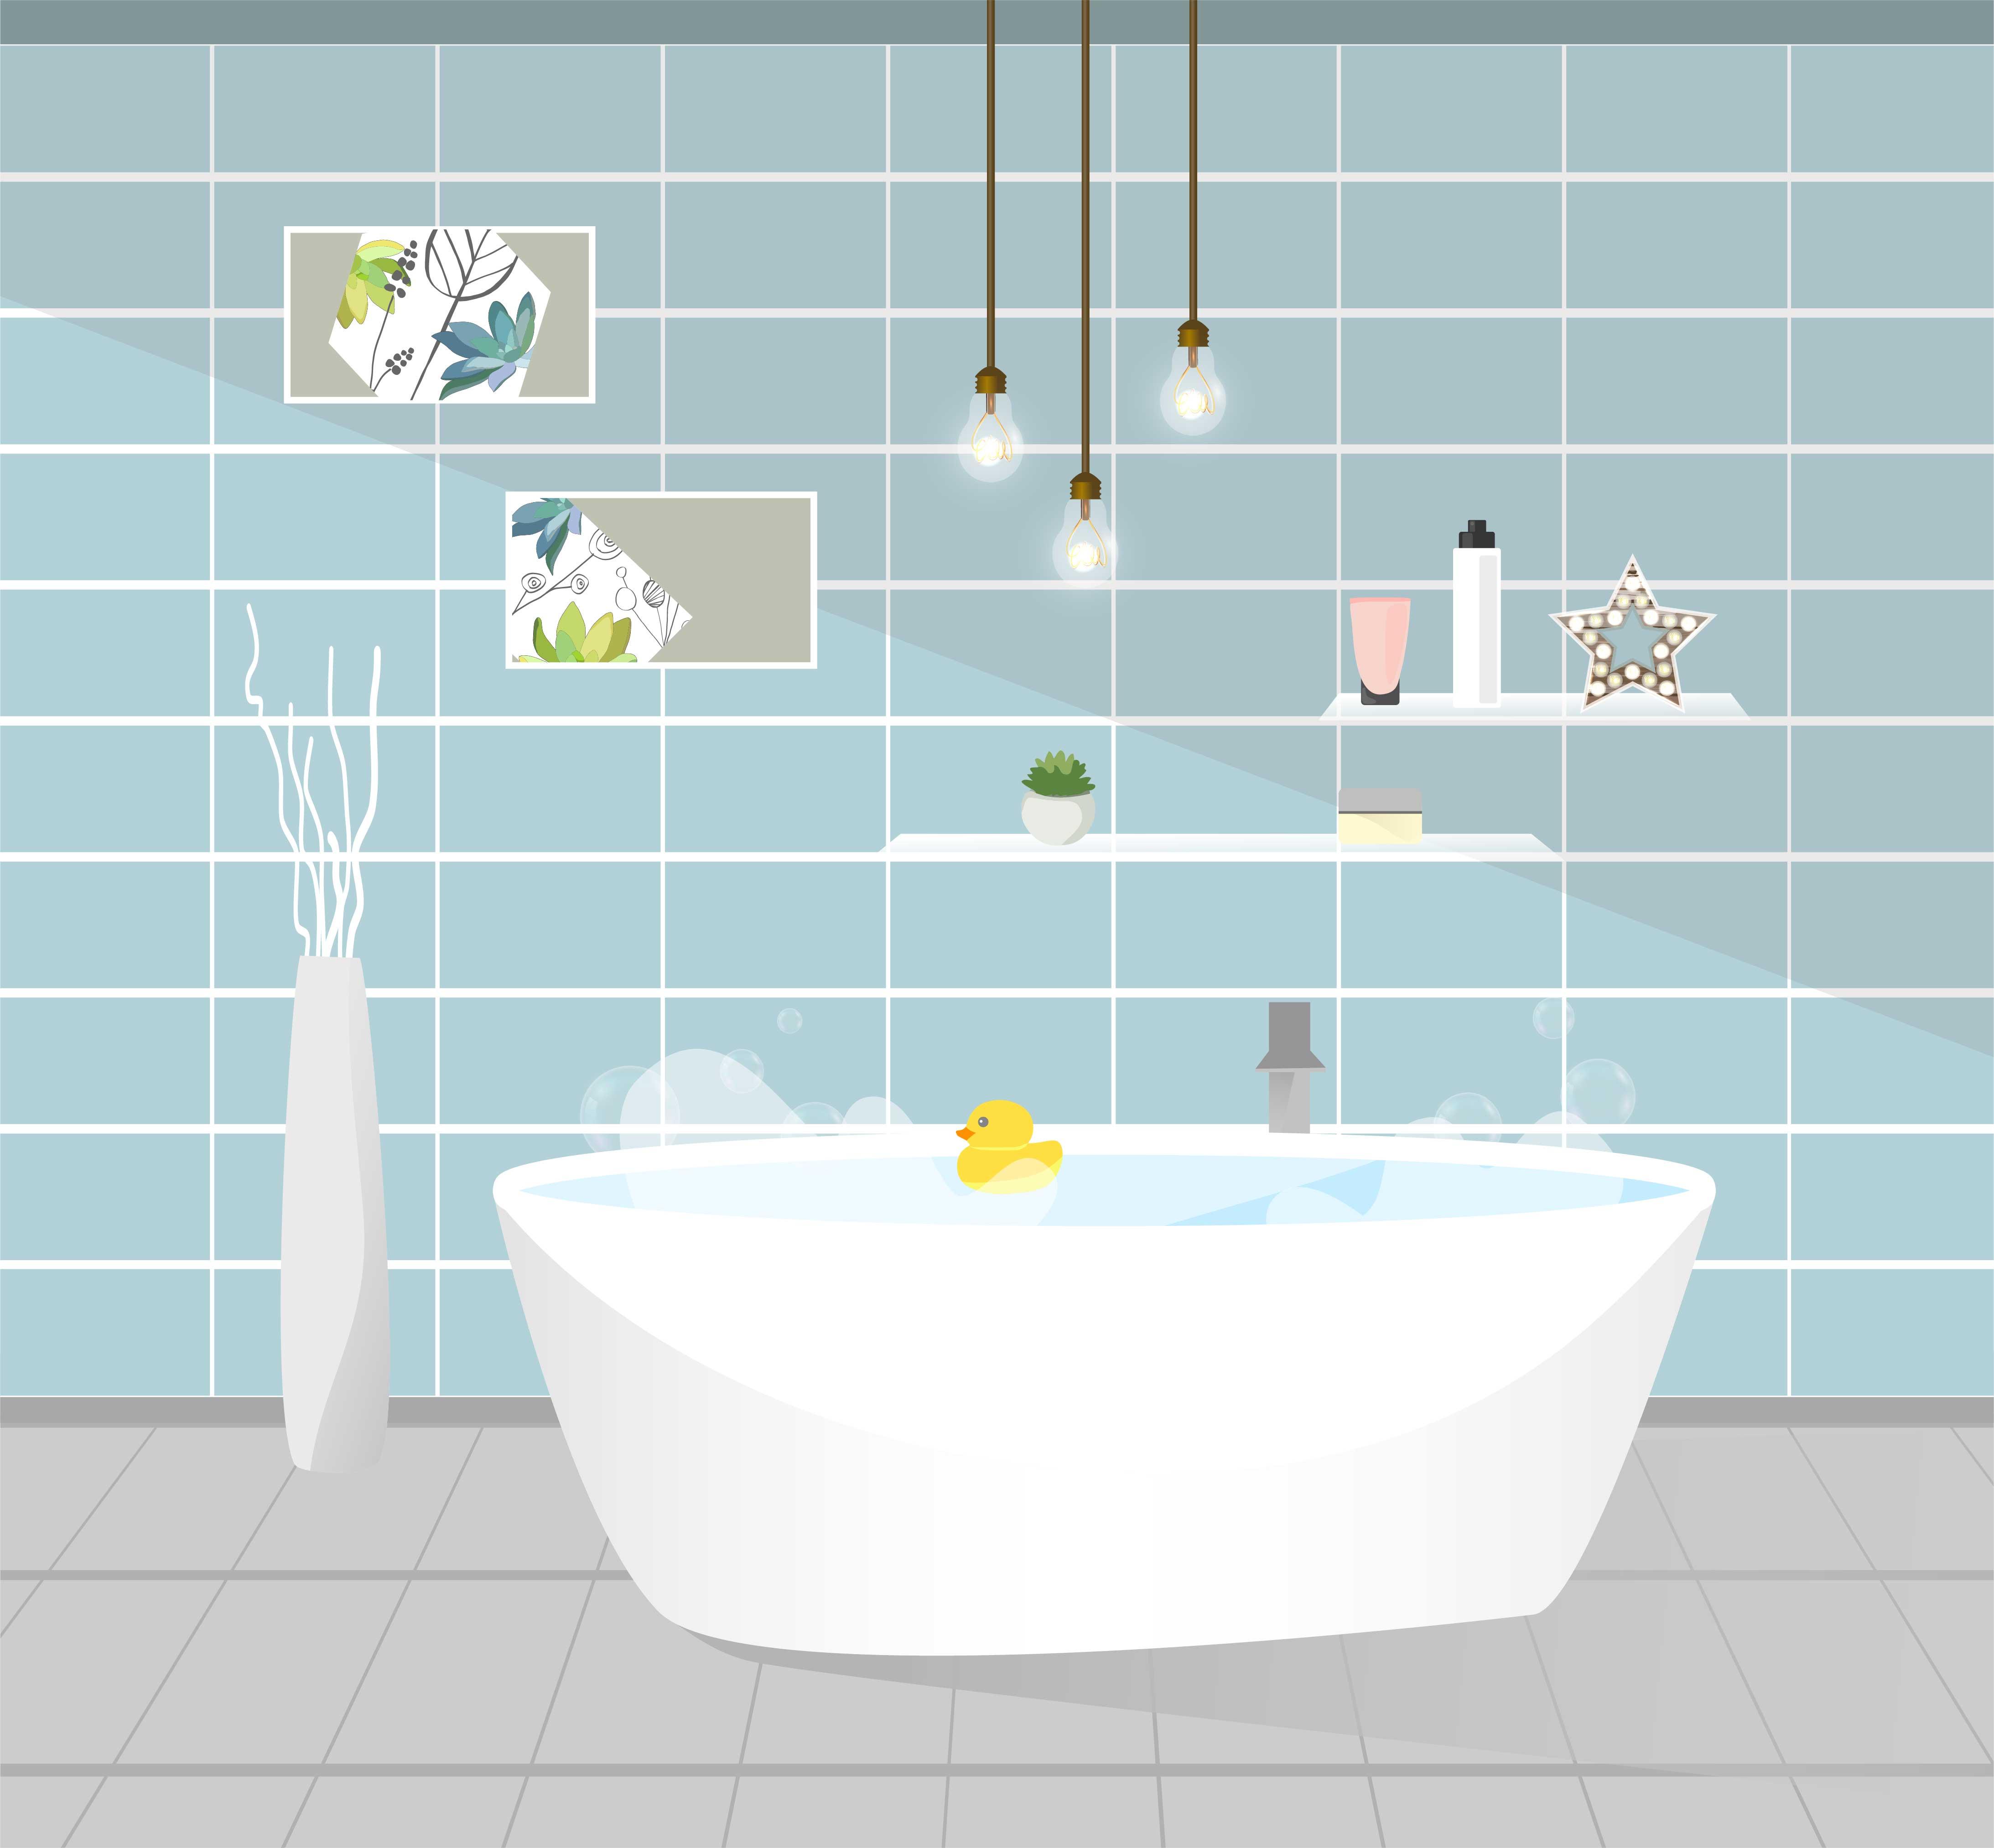 Bathroom interior. Vector illustration. - Download Free Vectors